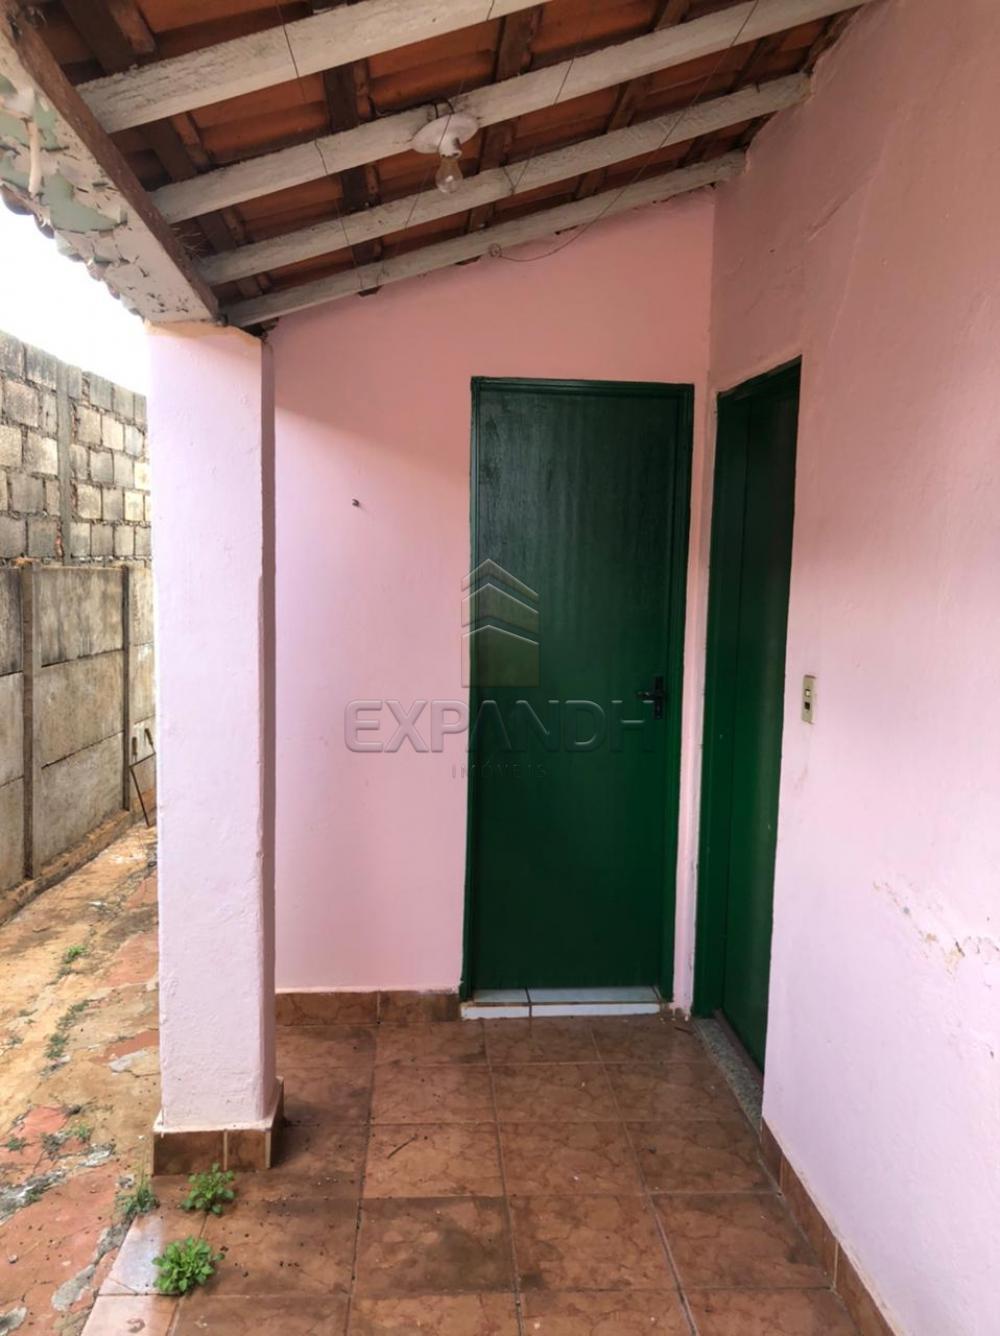 Alugar Casas / Padrão em Sertãozinho R$ 800,00 - Foto 16